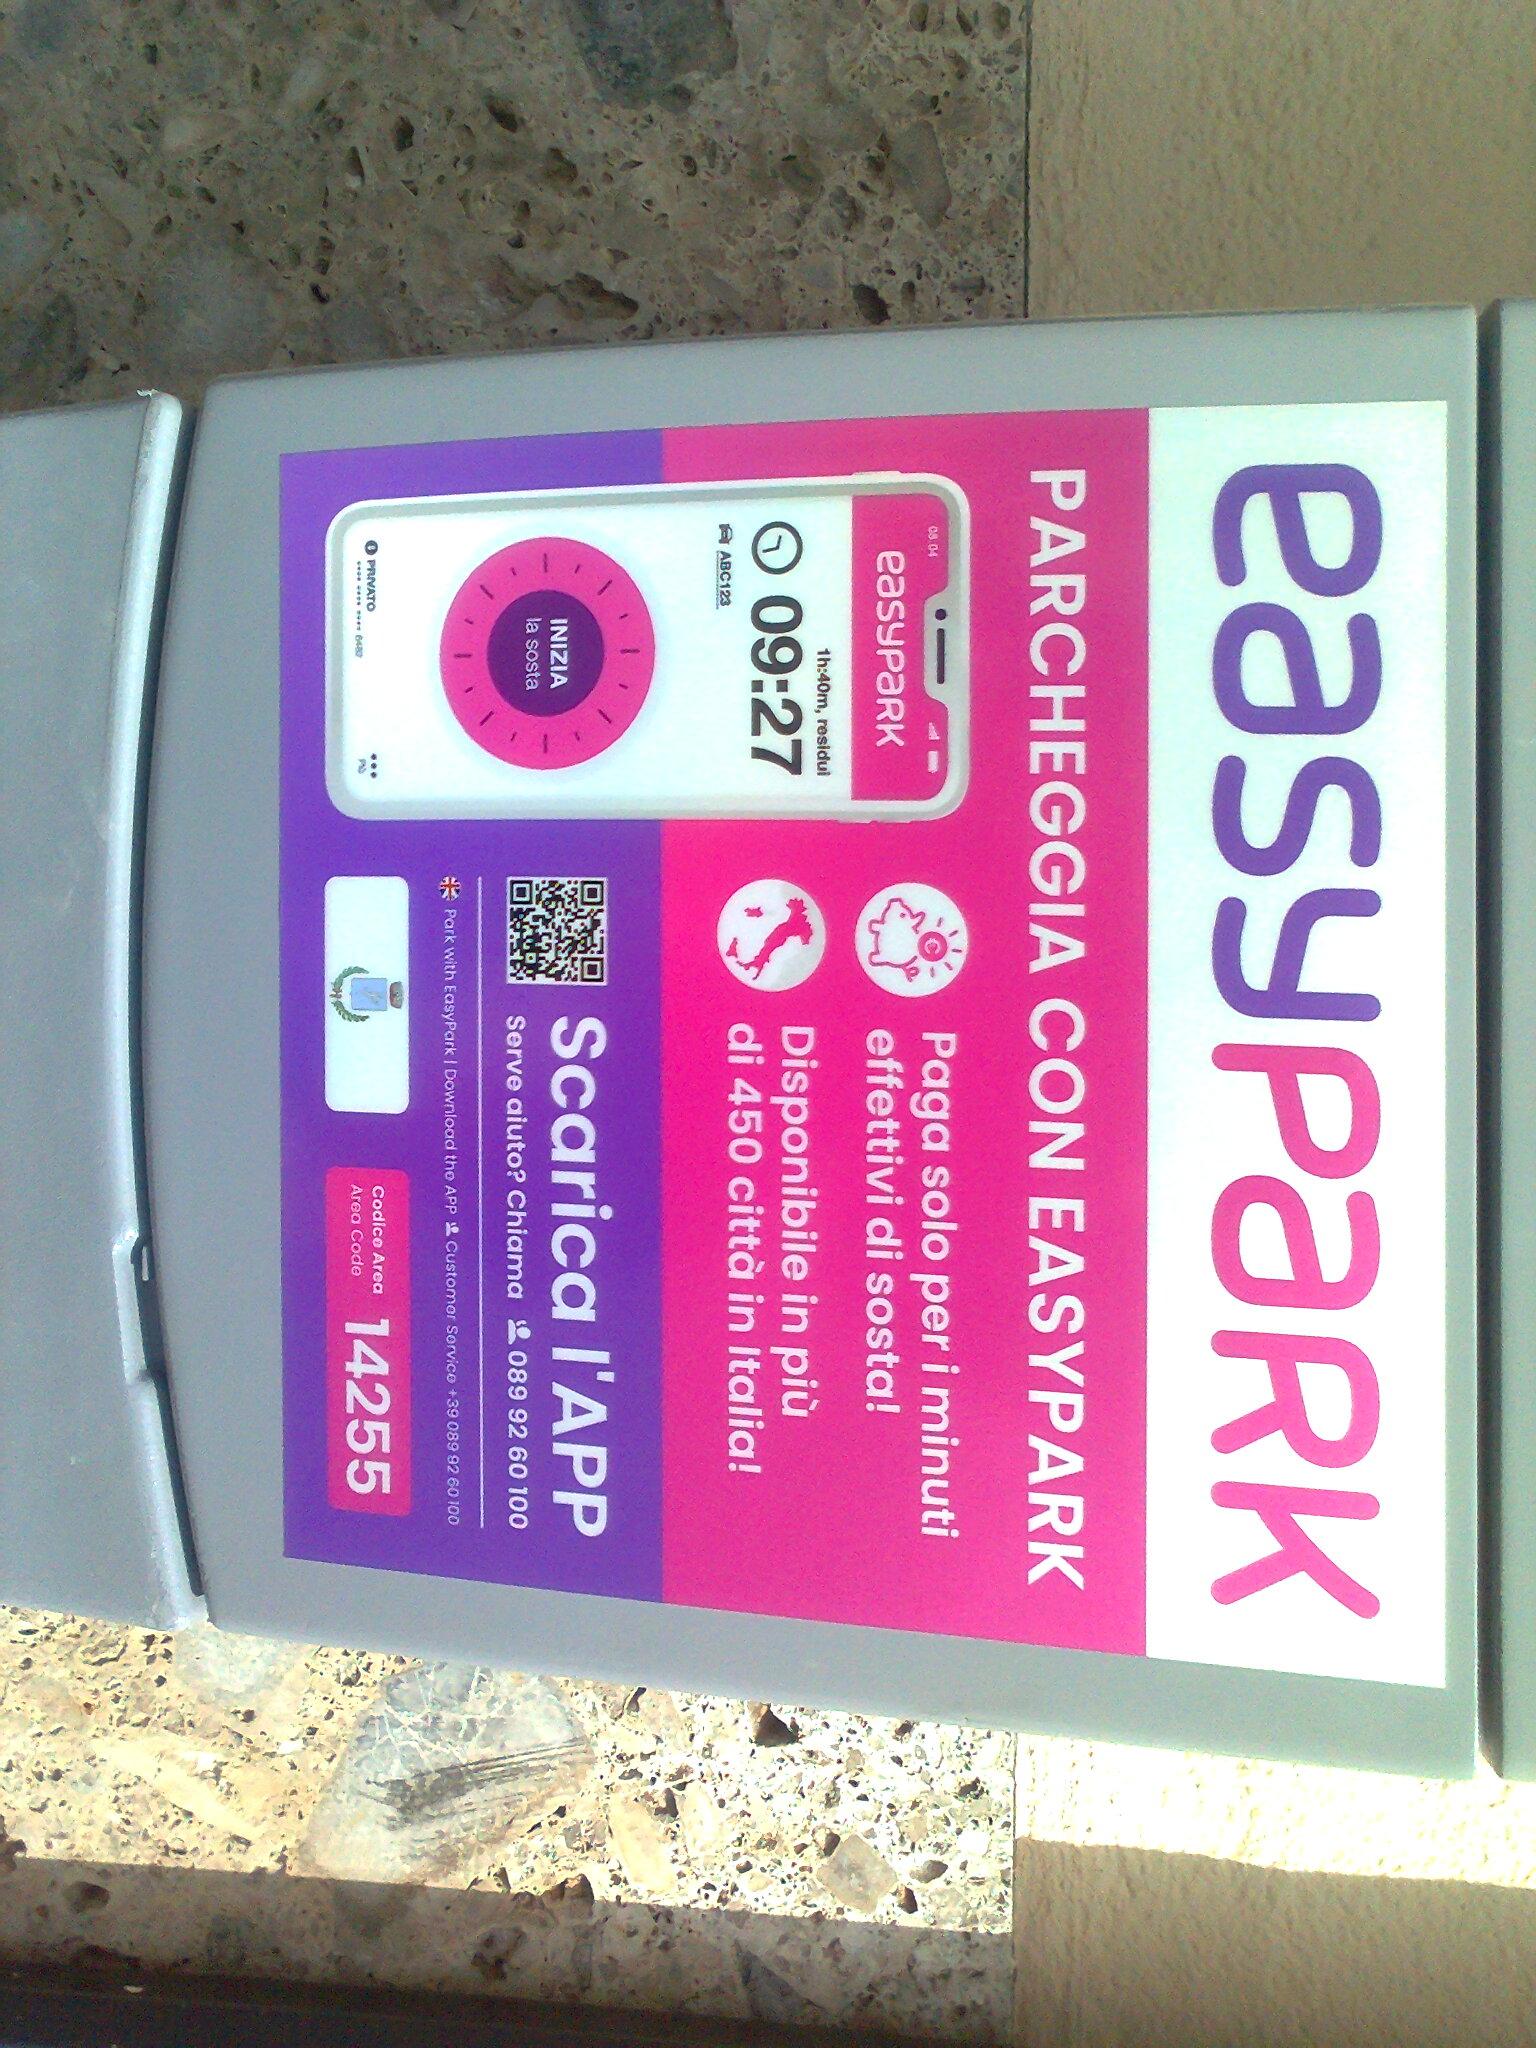 Pagamento della sosta - promozione per l\'uso dell\'applicazione EASYPARK riservata ai residenti nel Comune di Gavardo